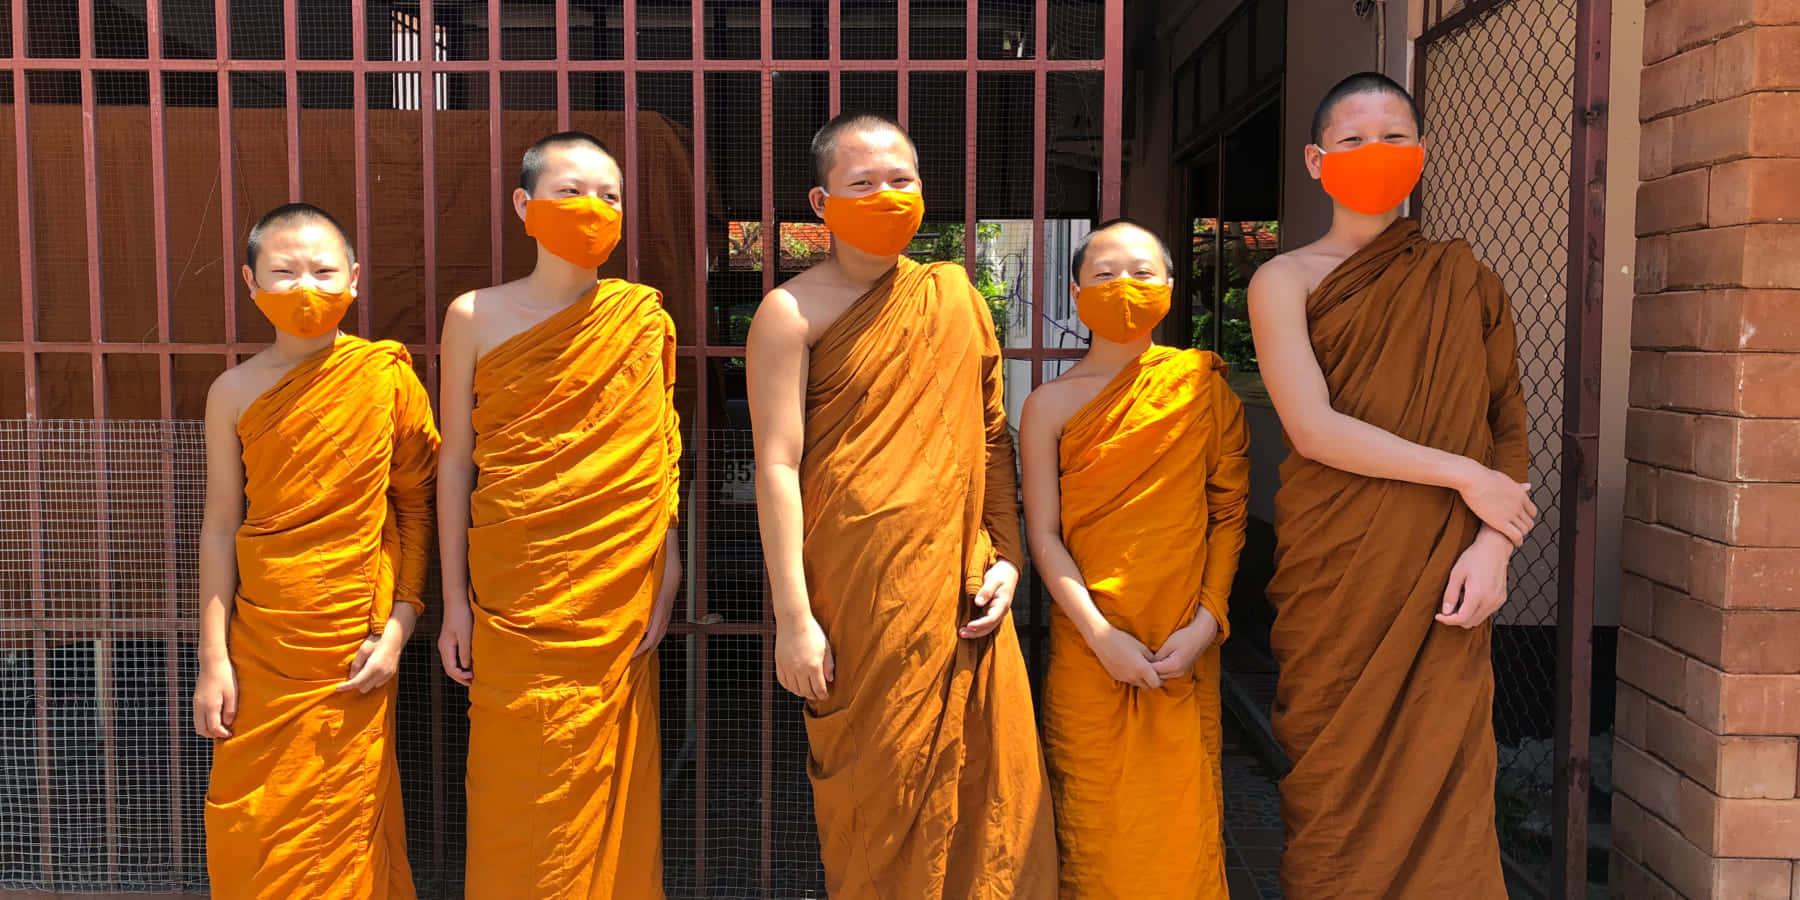 ペットボトルを再生利用したマスク 。タイの僧侶が制作